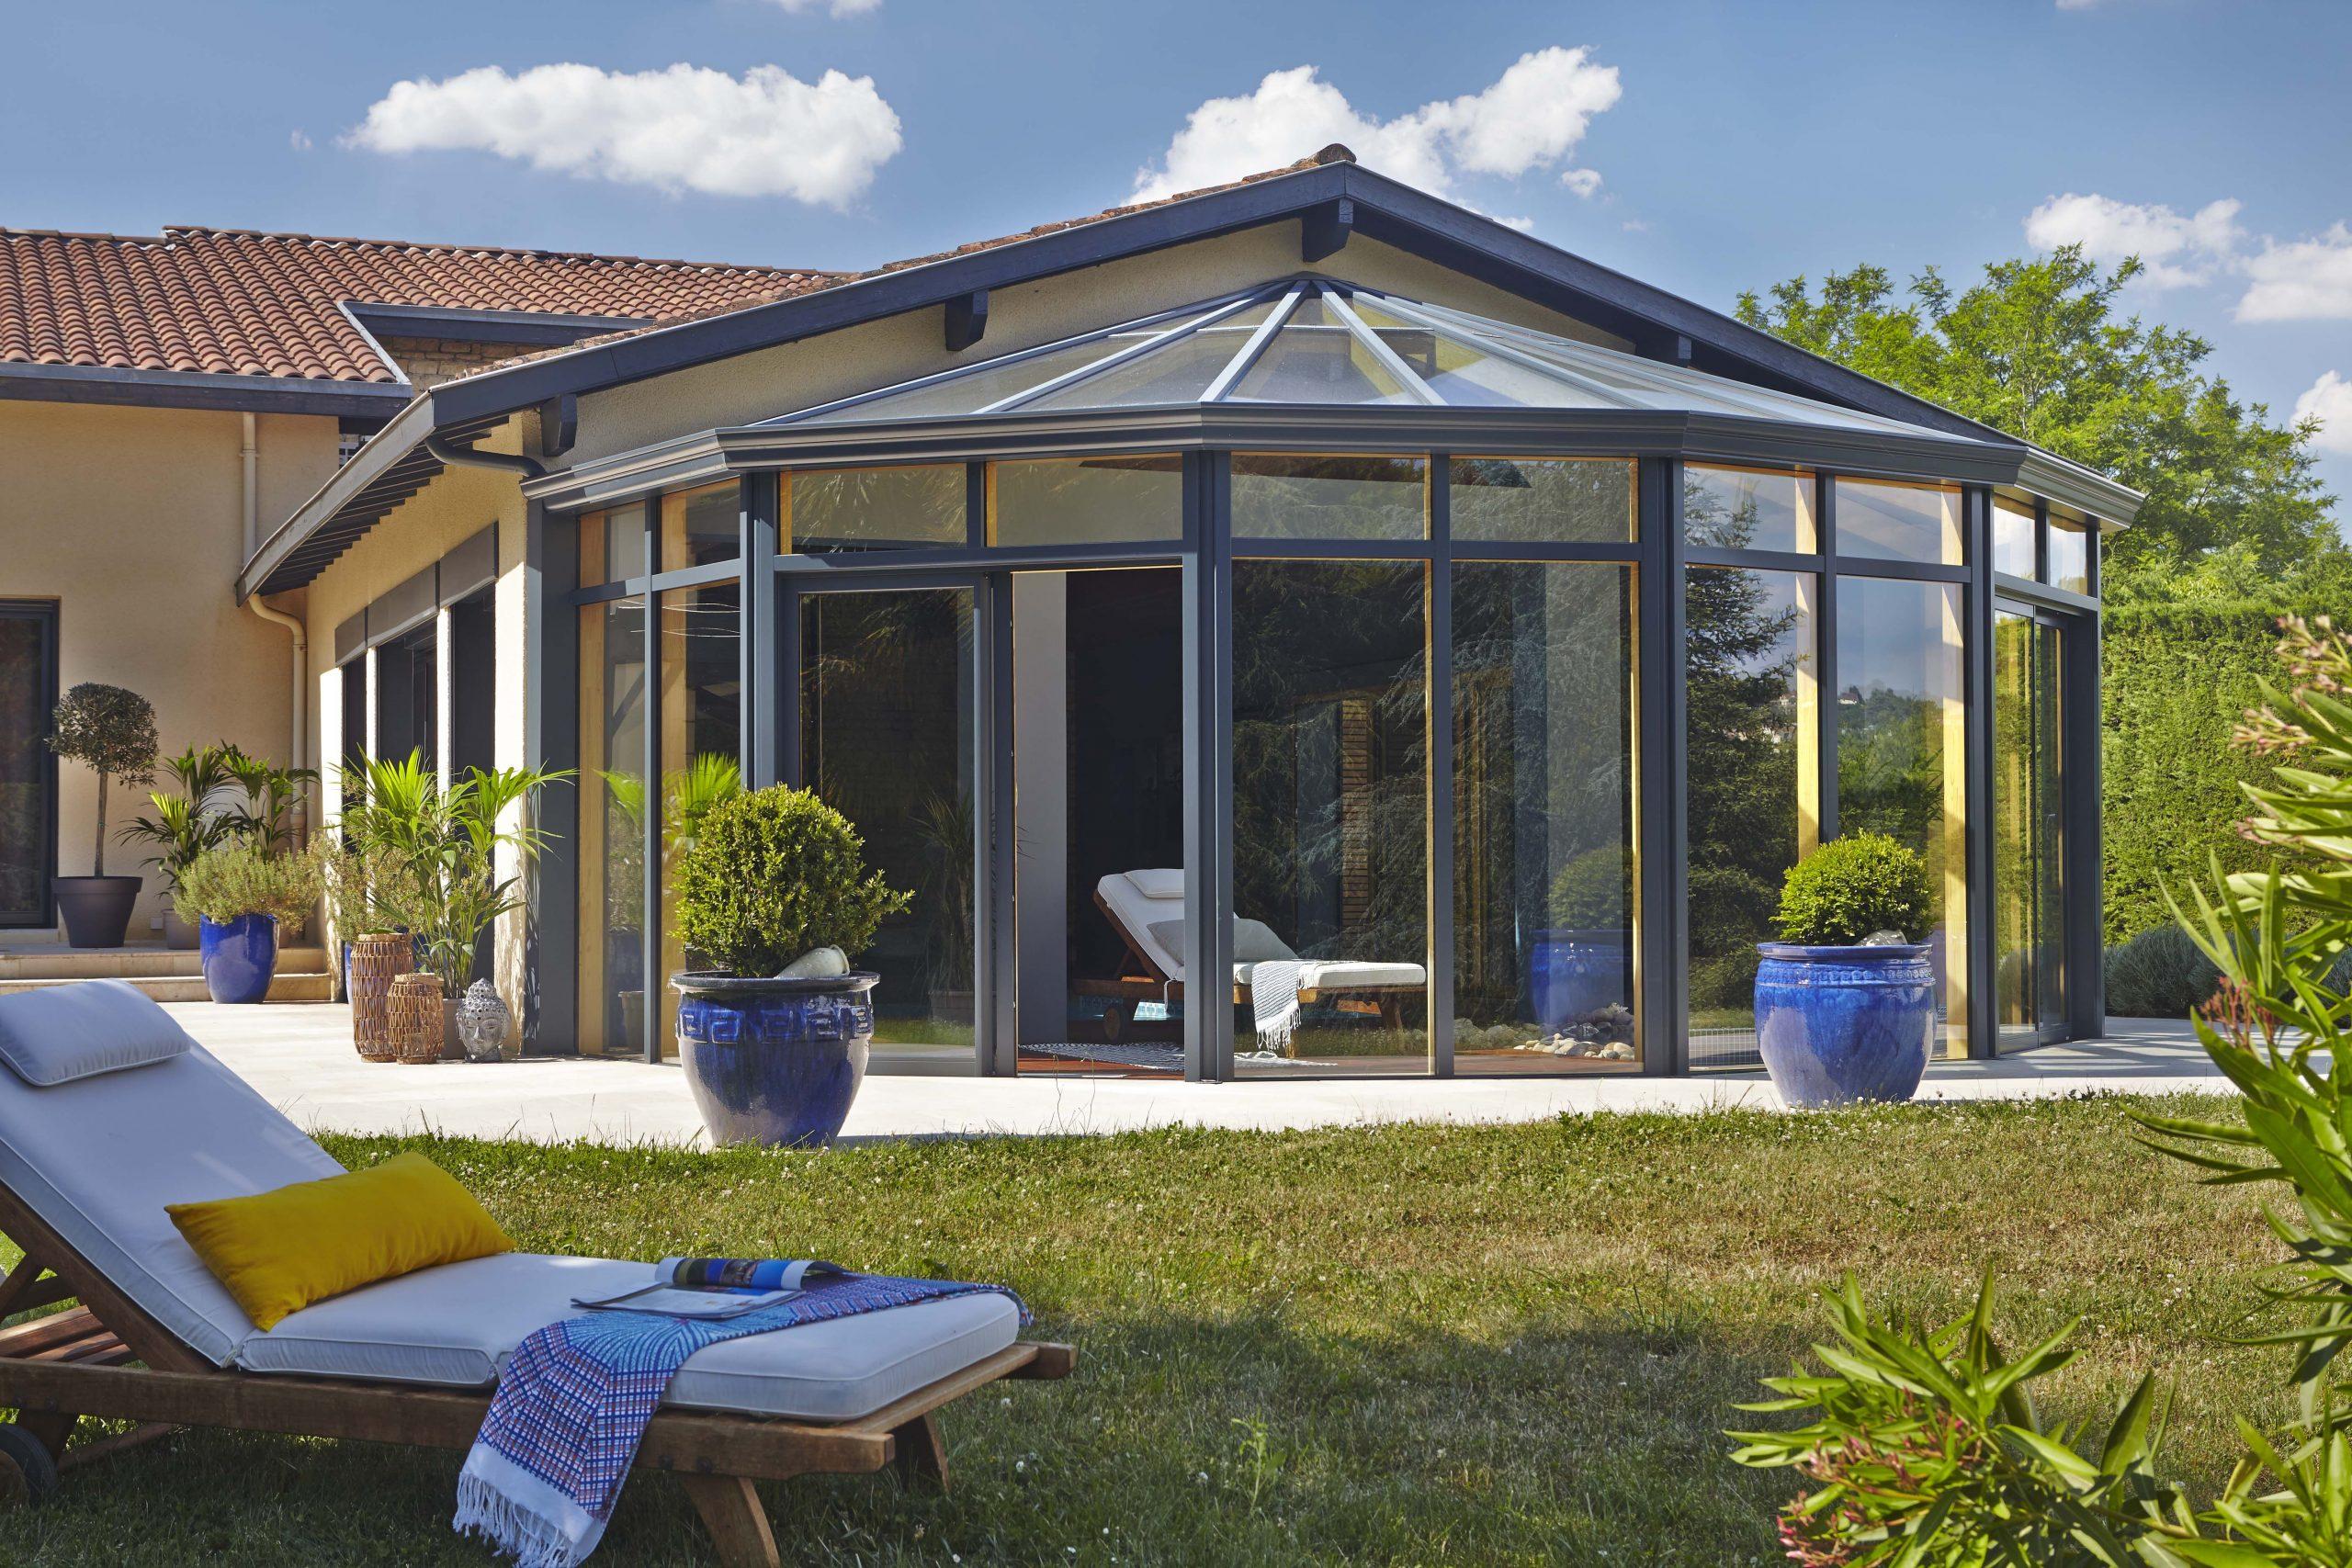 Épinglé Par Doussot Sur Veranda | Veranda, Abri Terrasse Et ... concernant Verriere Jardin